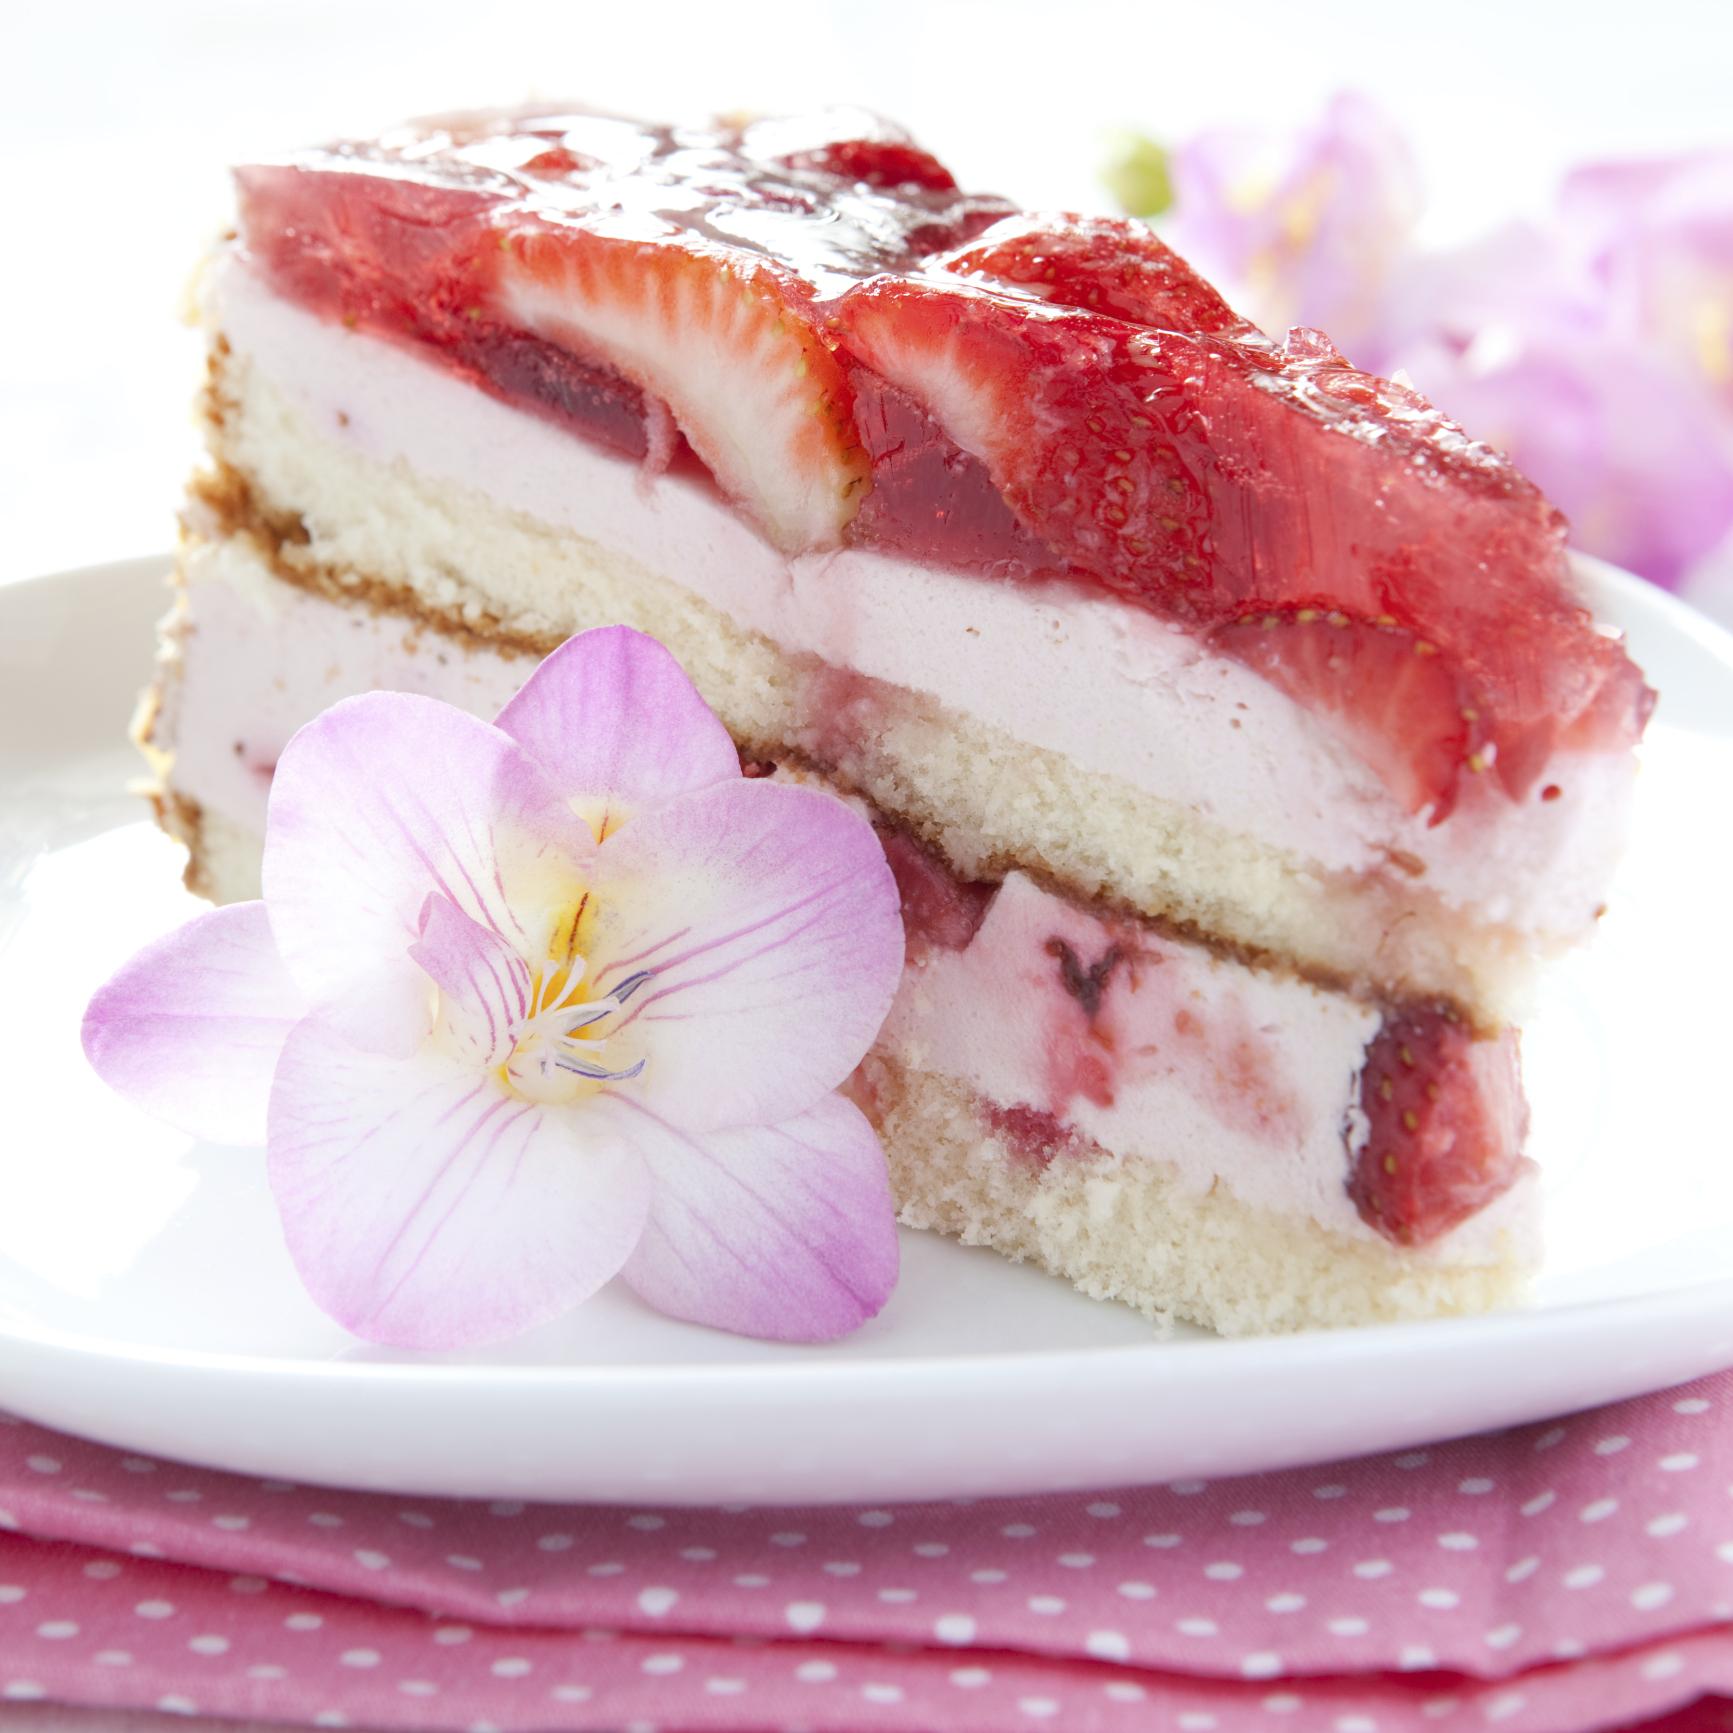 tarta con fresas y crema